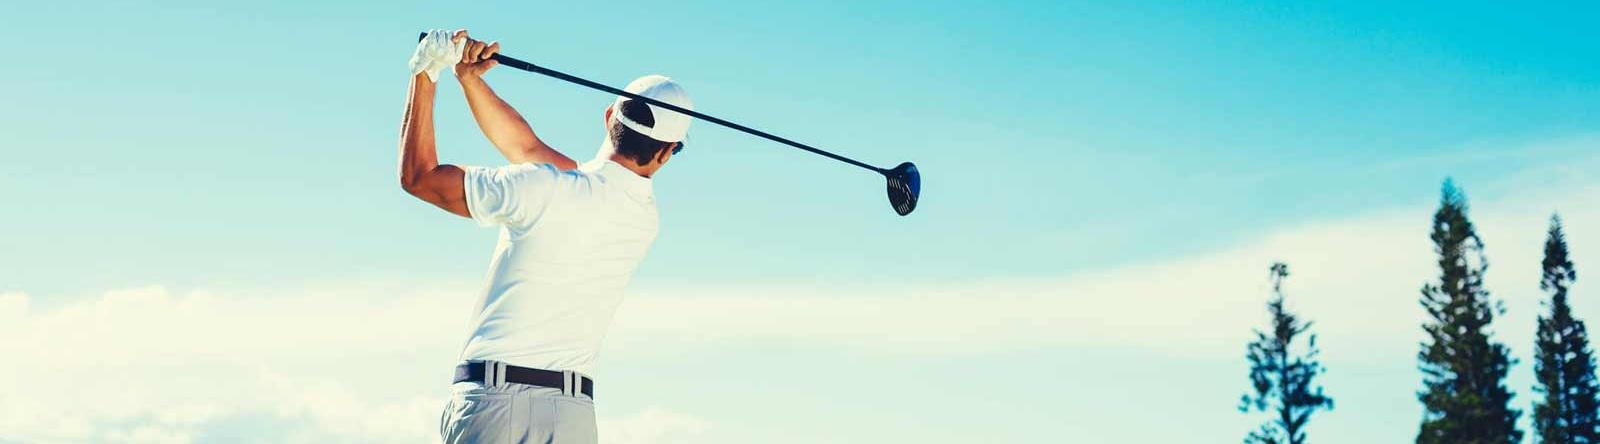 golfswing-2.jpg